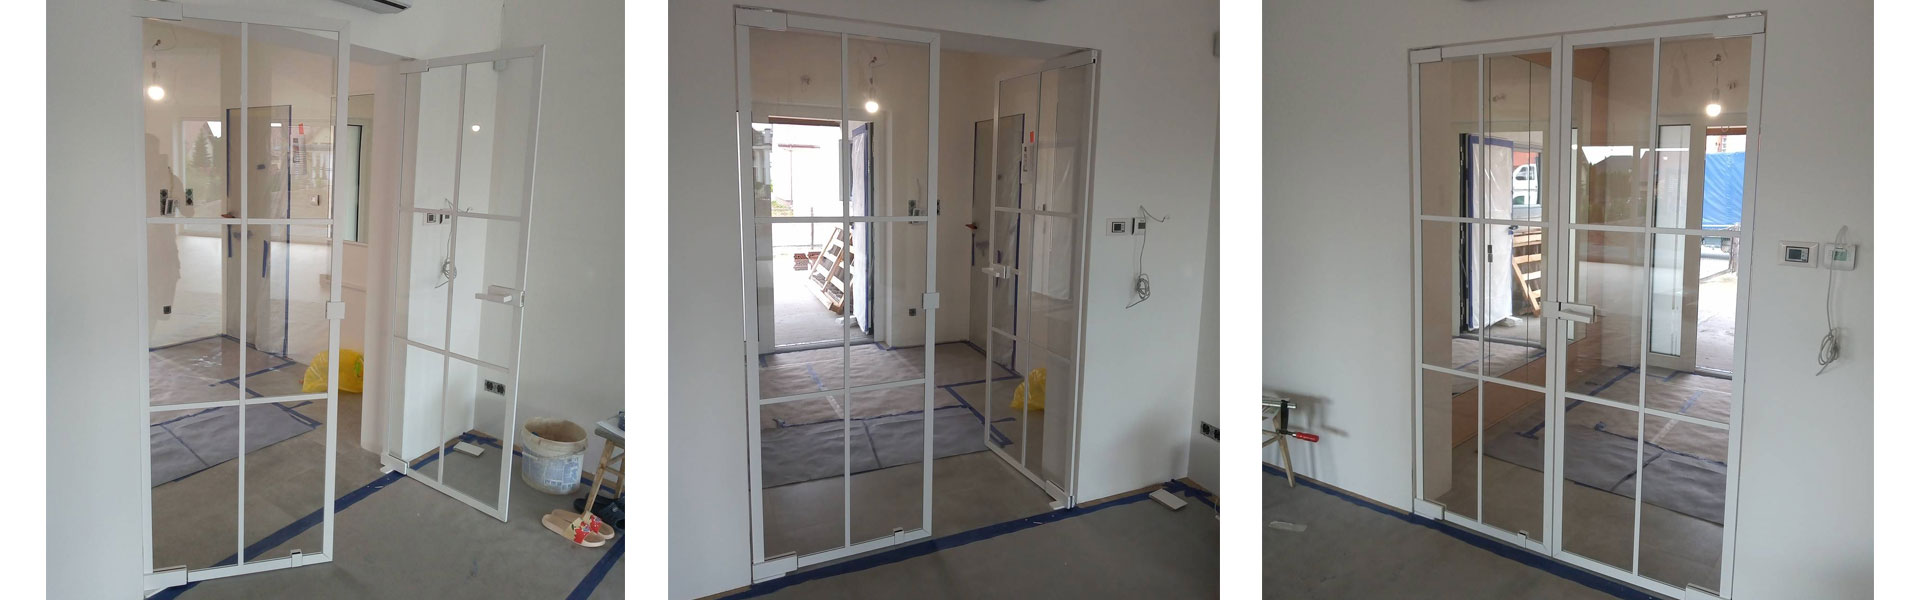 Drzwi szklane dwuskrzydłowe